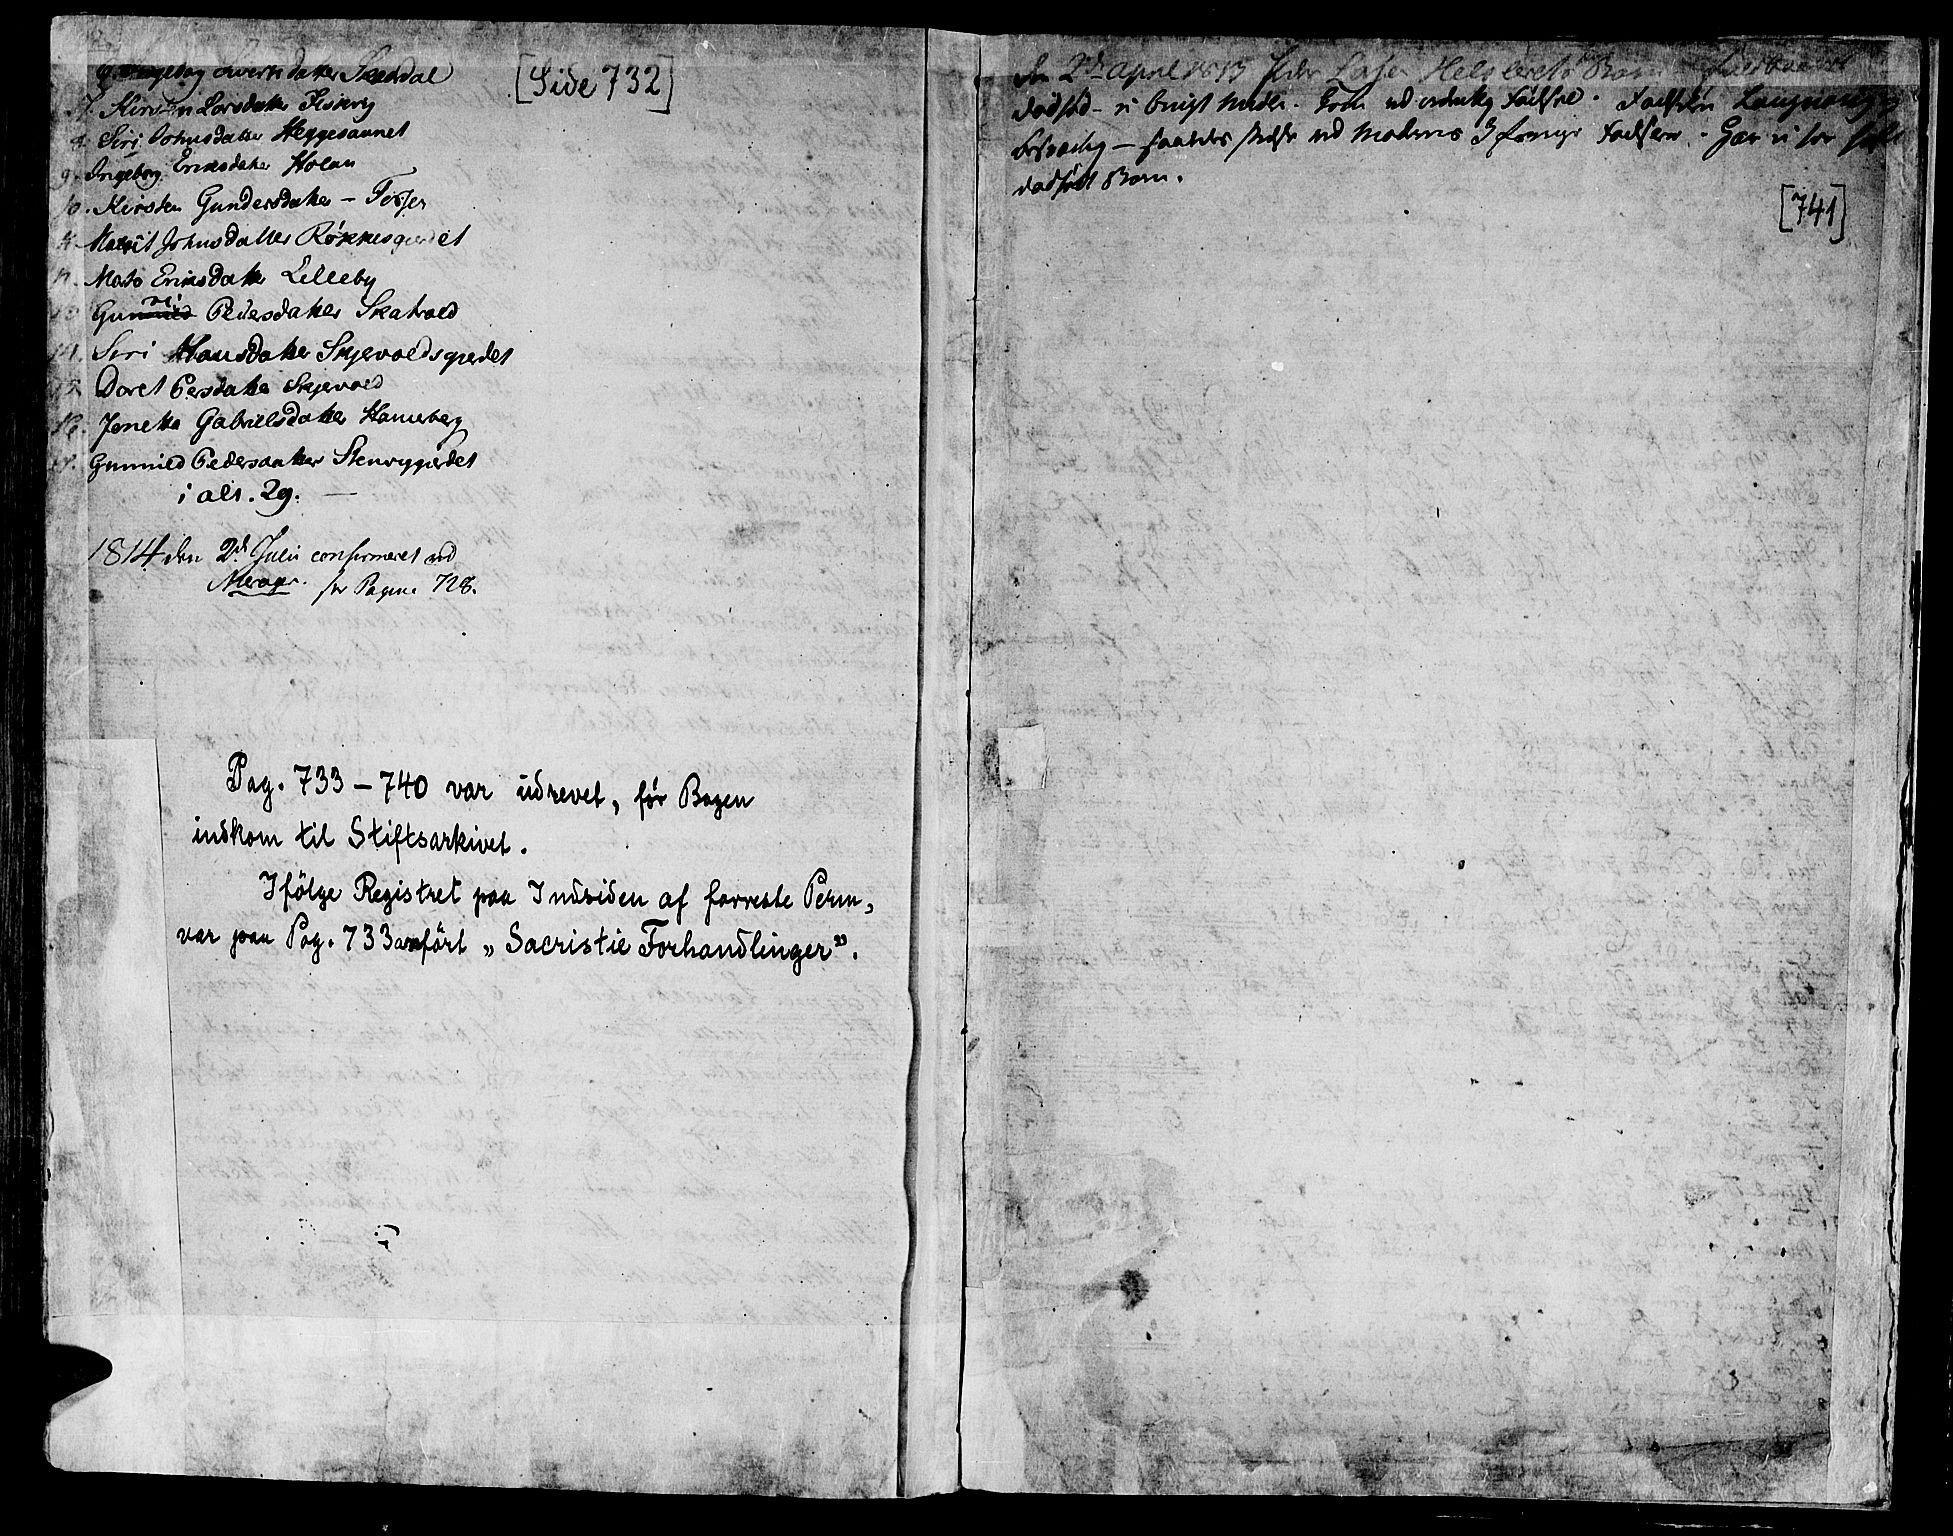 SAT, Ministerialprotokoller, klokkerbøker og fødselsregistre - Nord-Trøndelag, 709/L0060: Ministerialbok nr. 709A07, 1797-1815, s. 732-741